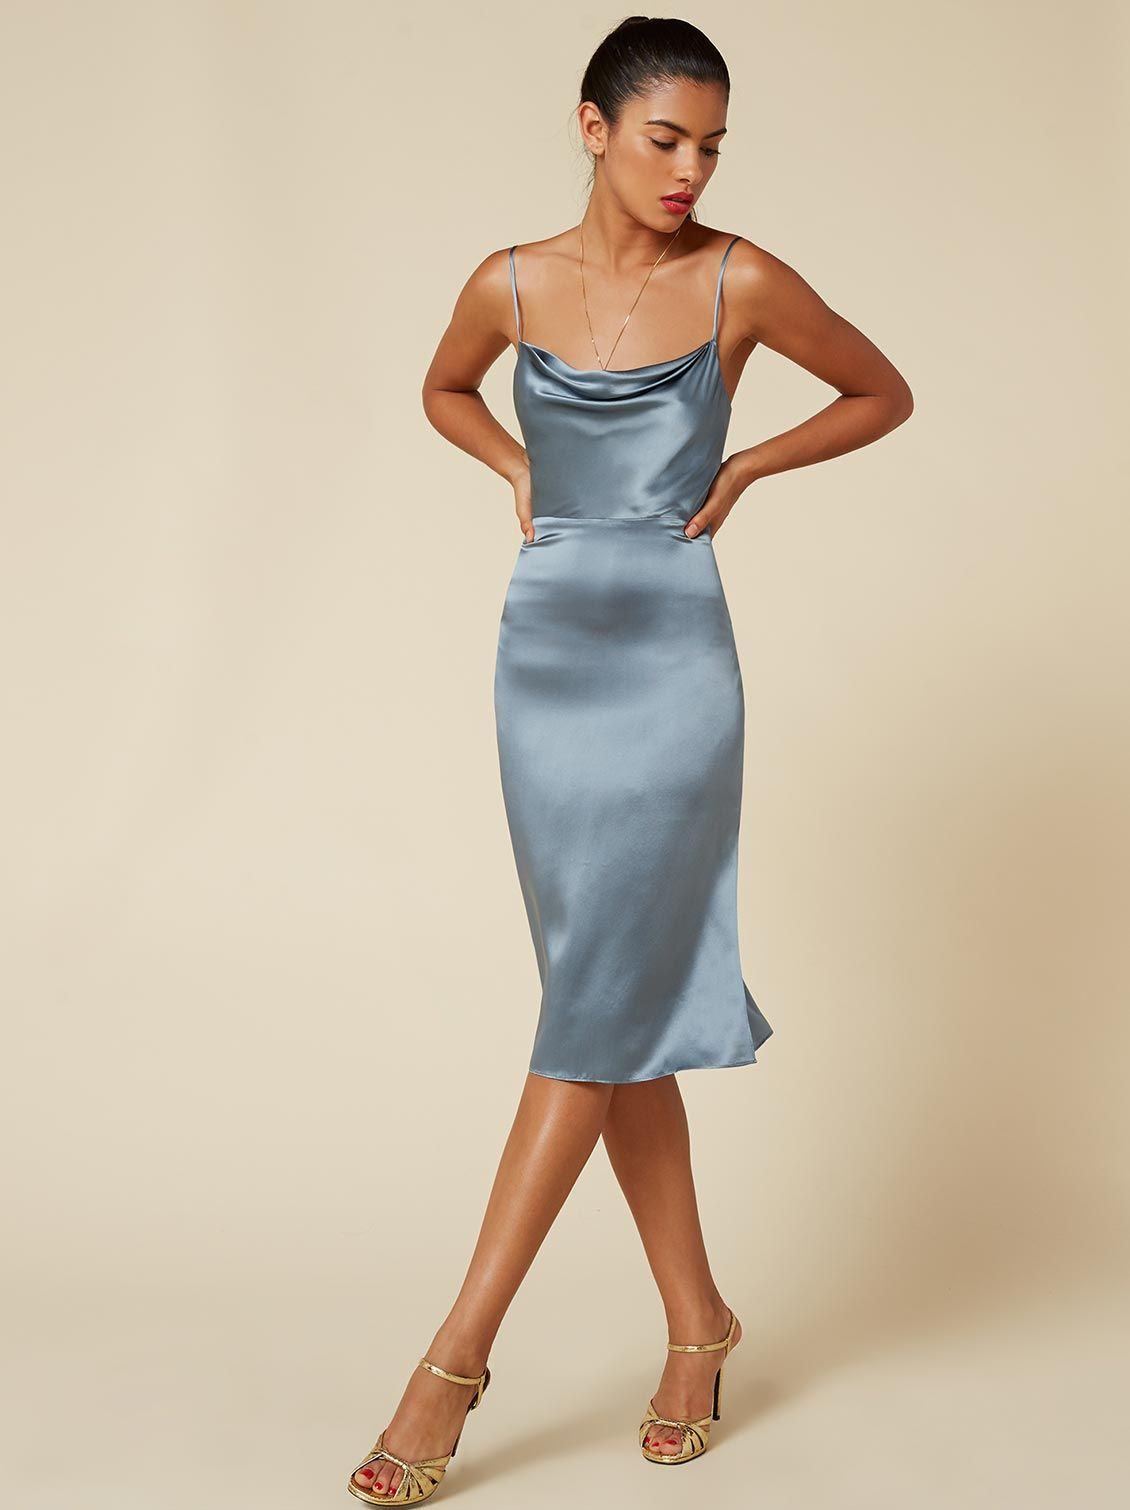 d3d38b1d2c Adara dress dusty blue 1 clp